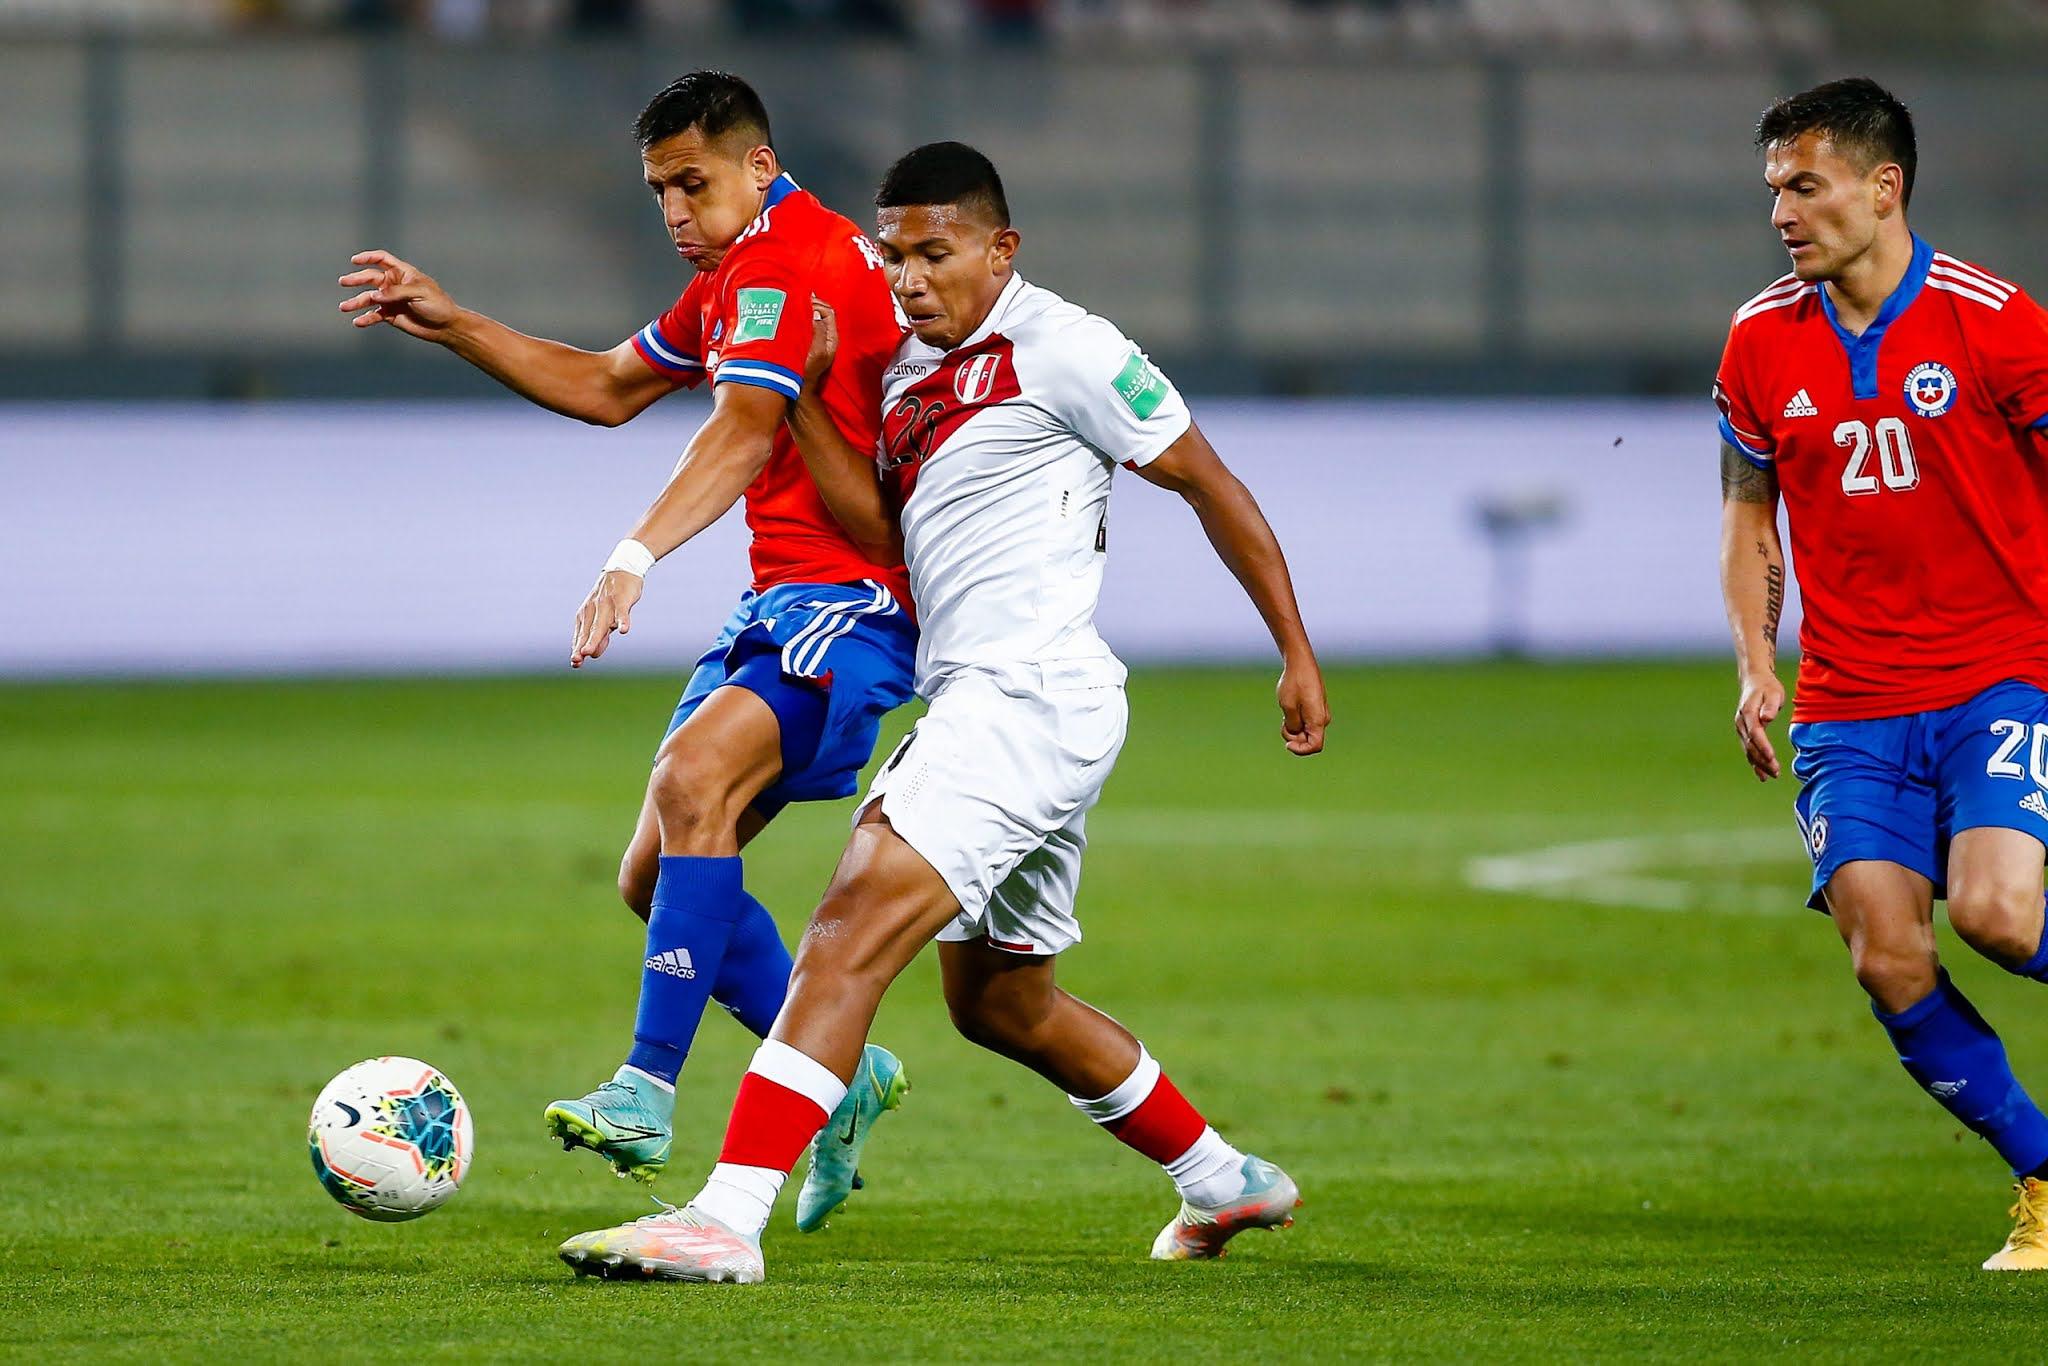 Perú y Chile en Clasificatorias a Catar 2022, 7 de octubre de 2021